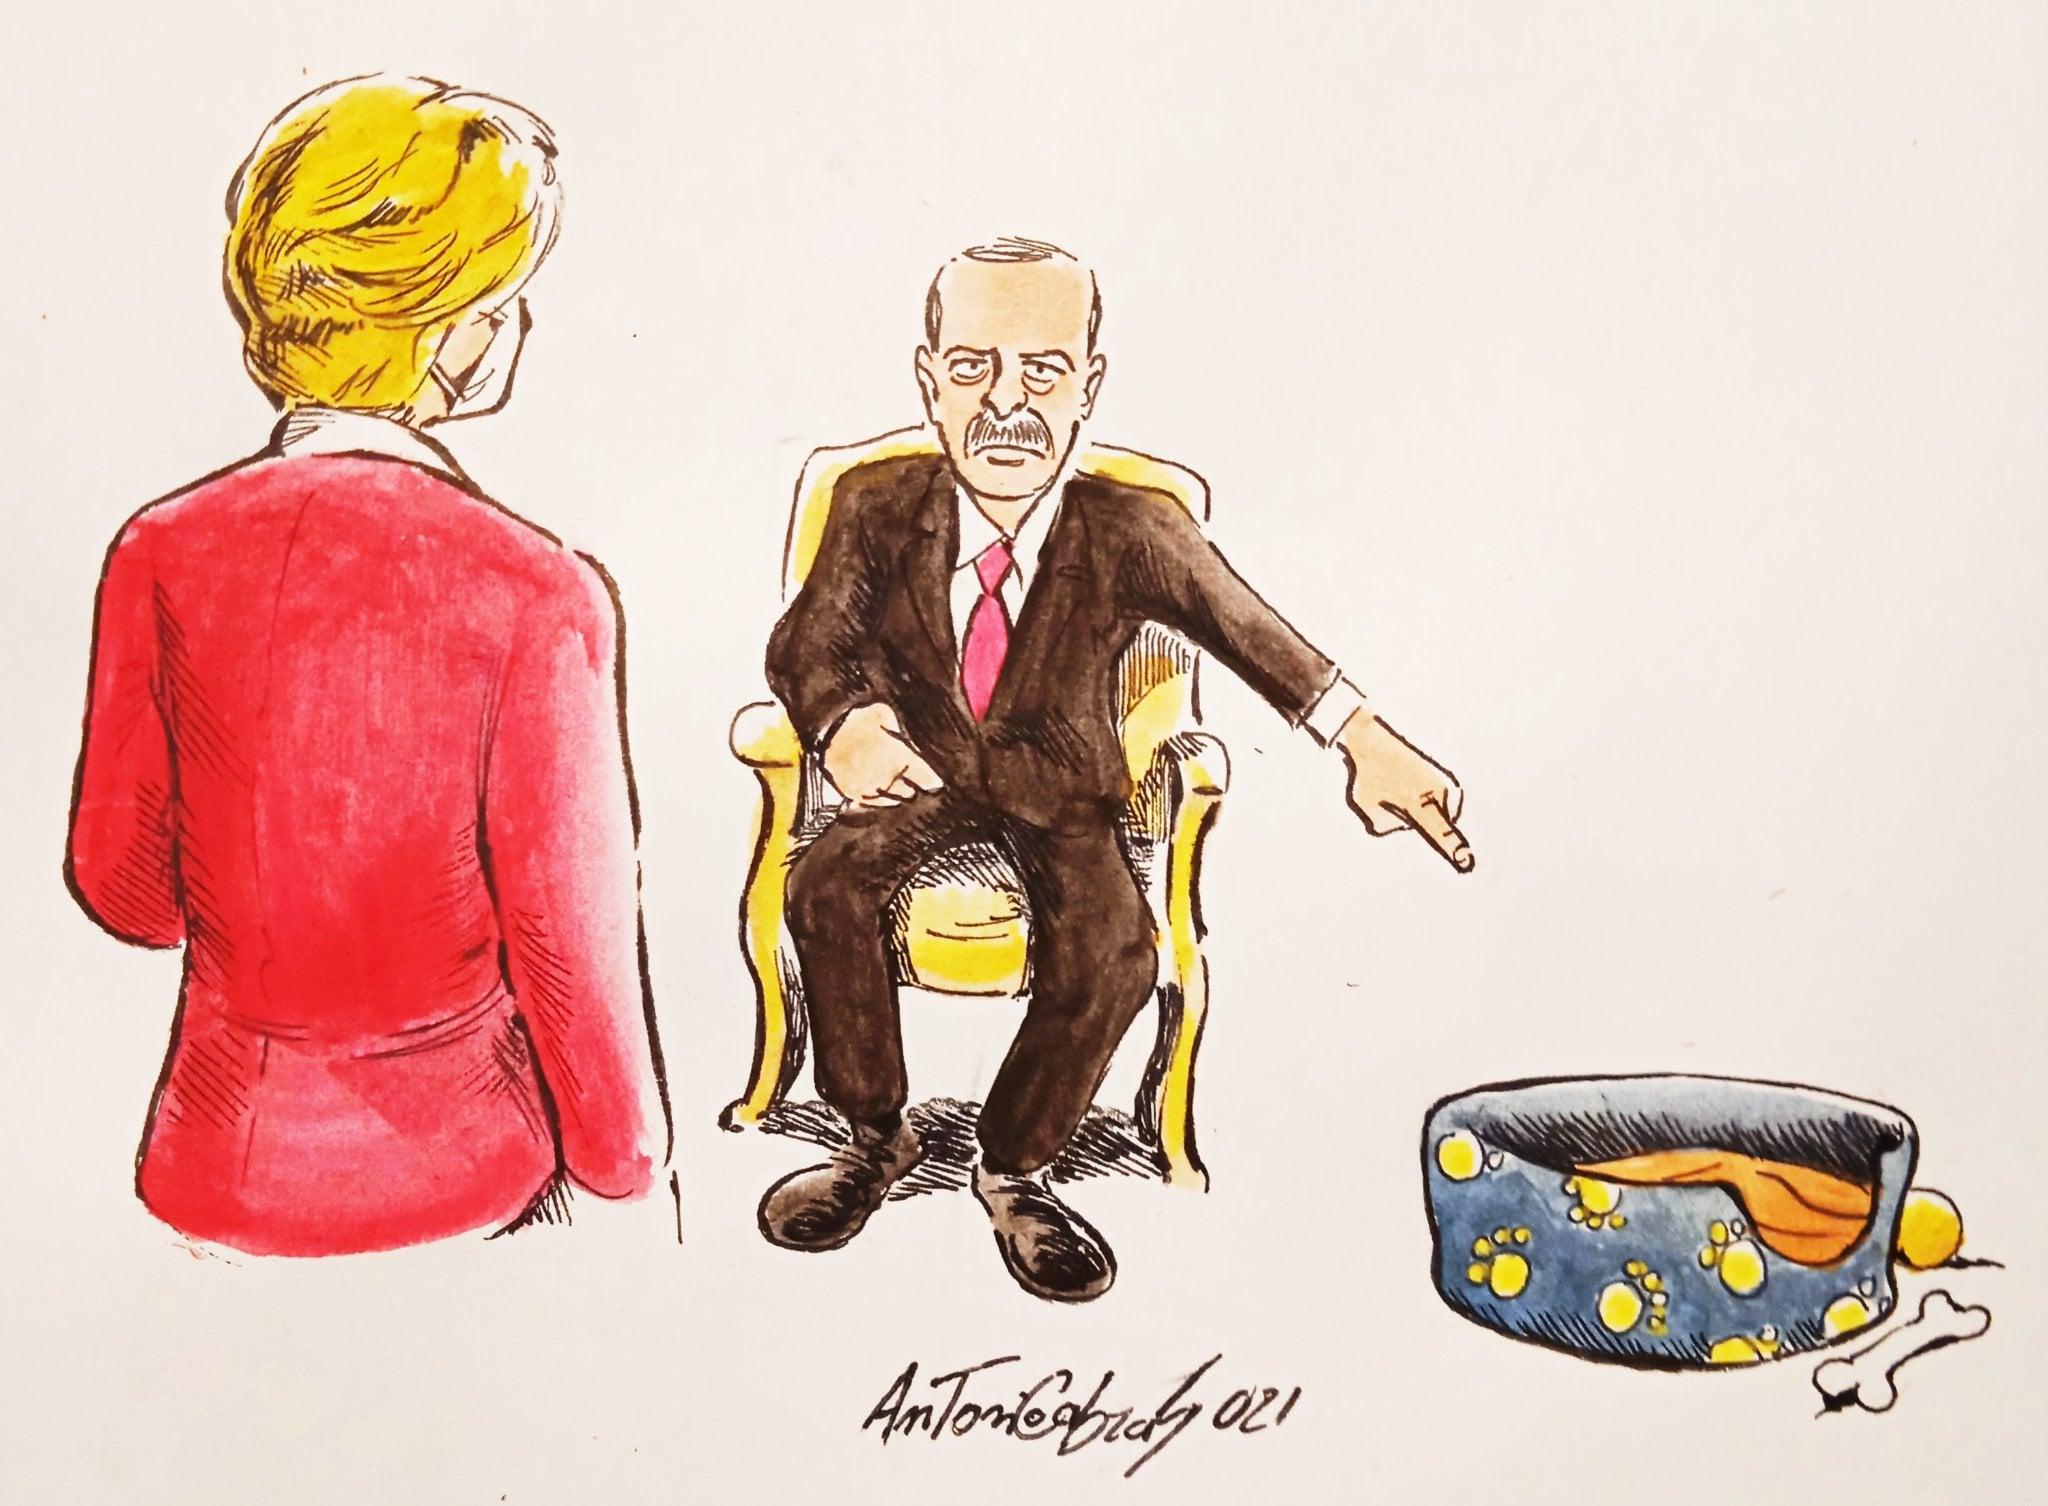 Θα σημάνει άραγε η έκρηξη Ντράγκι το τέλος της ευρωπαϊκής ανοχής απέναντι στην Τουρκία;